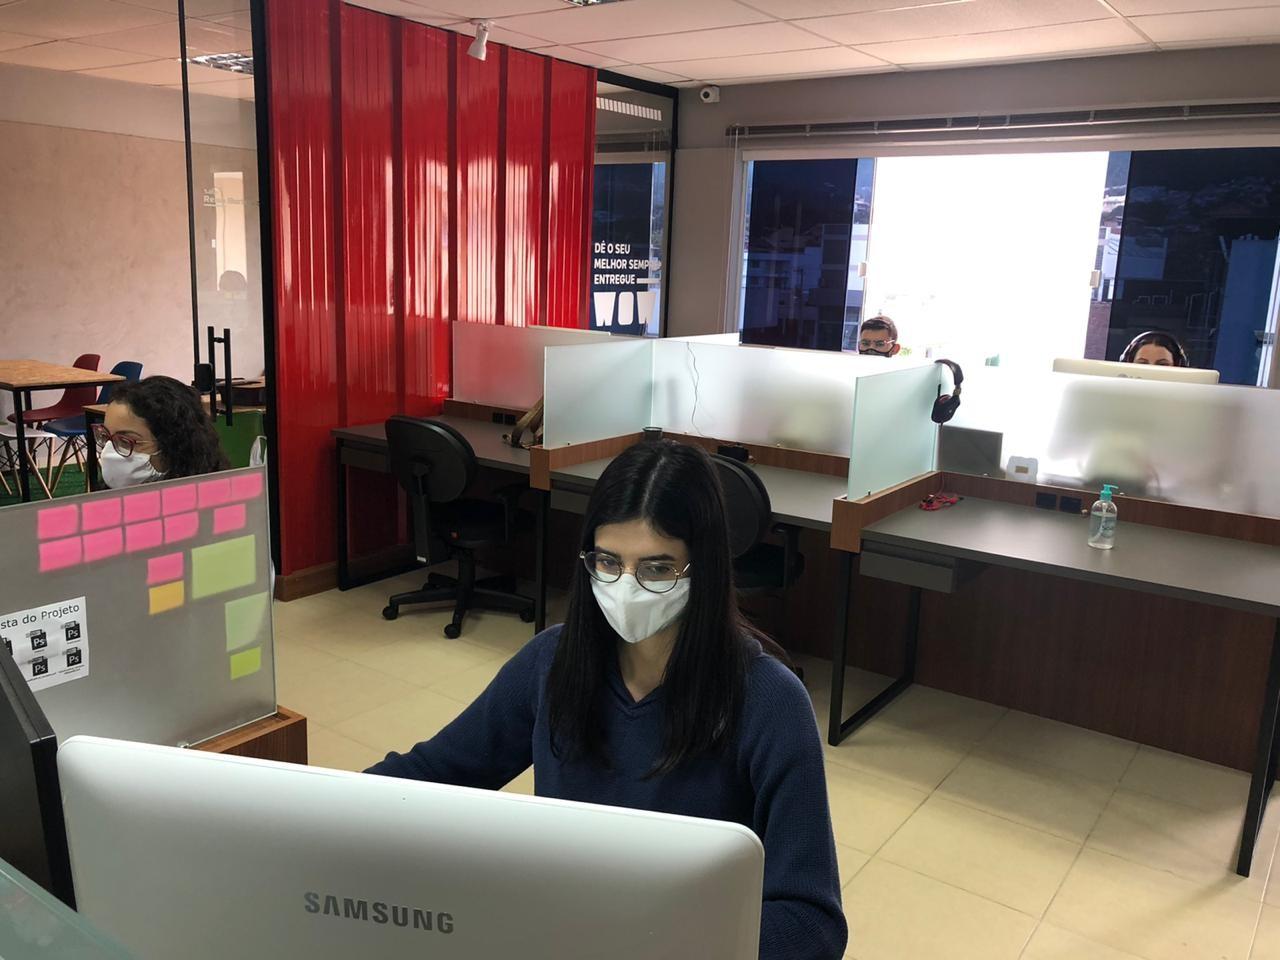 Autonomia, flexibilidade e home office: efeitos da pandemia no radar dos CEOs de tecnologia de SC